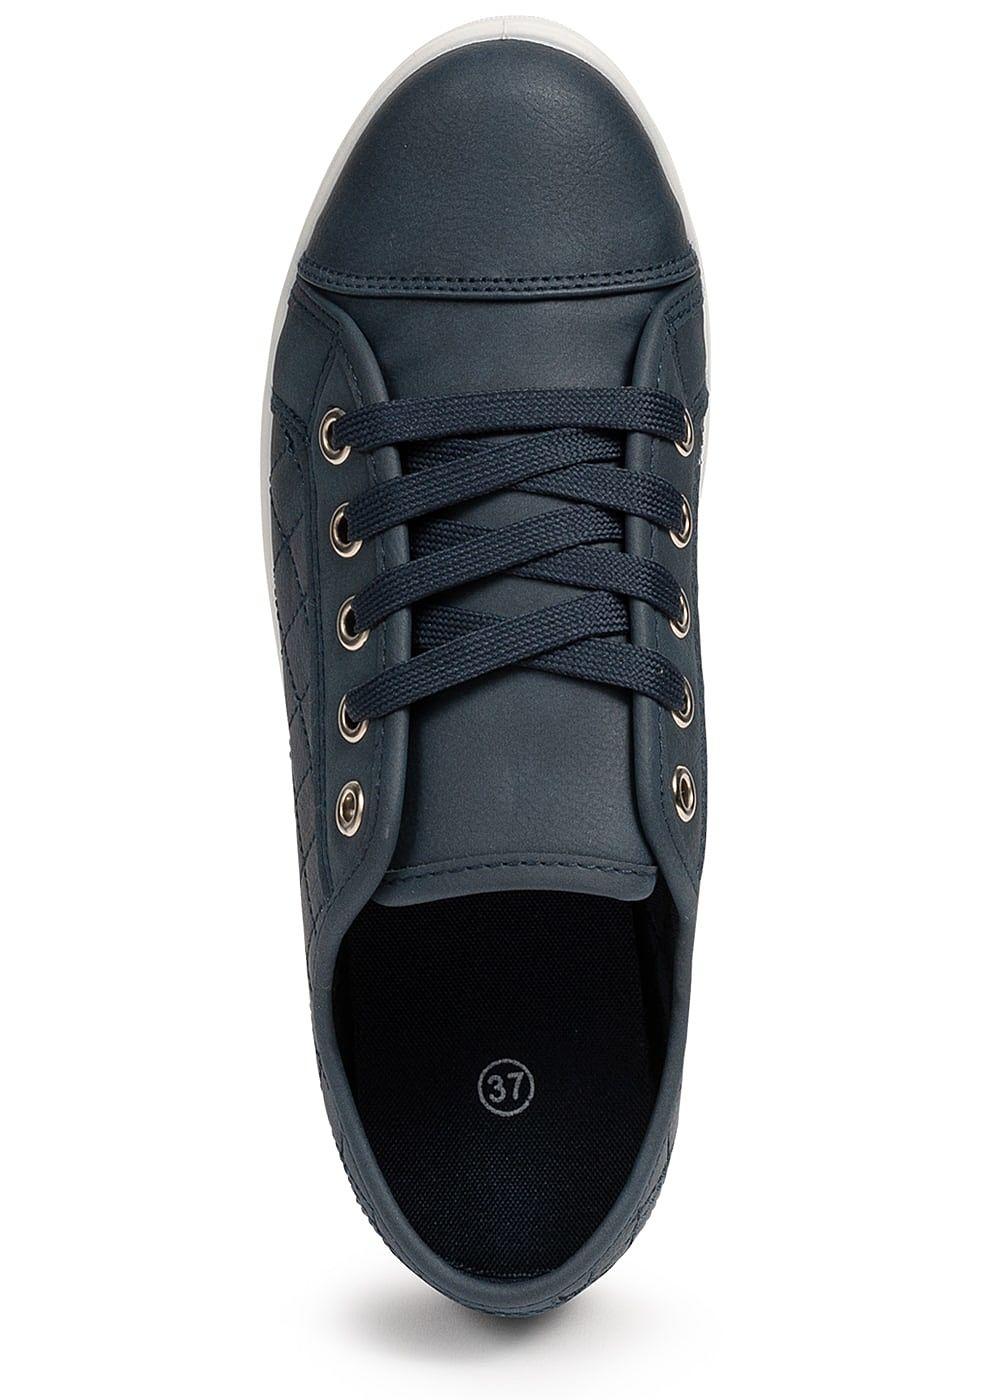 Seventyseven Lifestyle Damen Sneaker Stitches navy blau